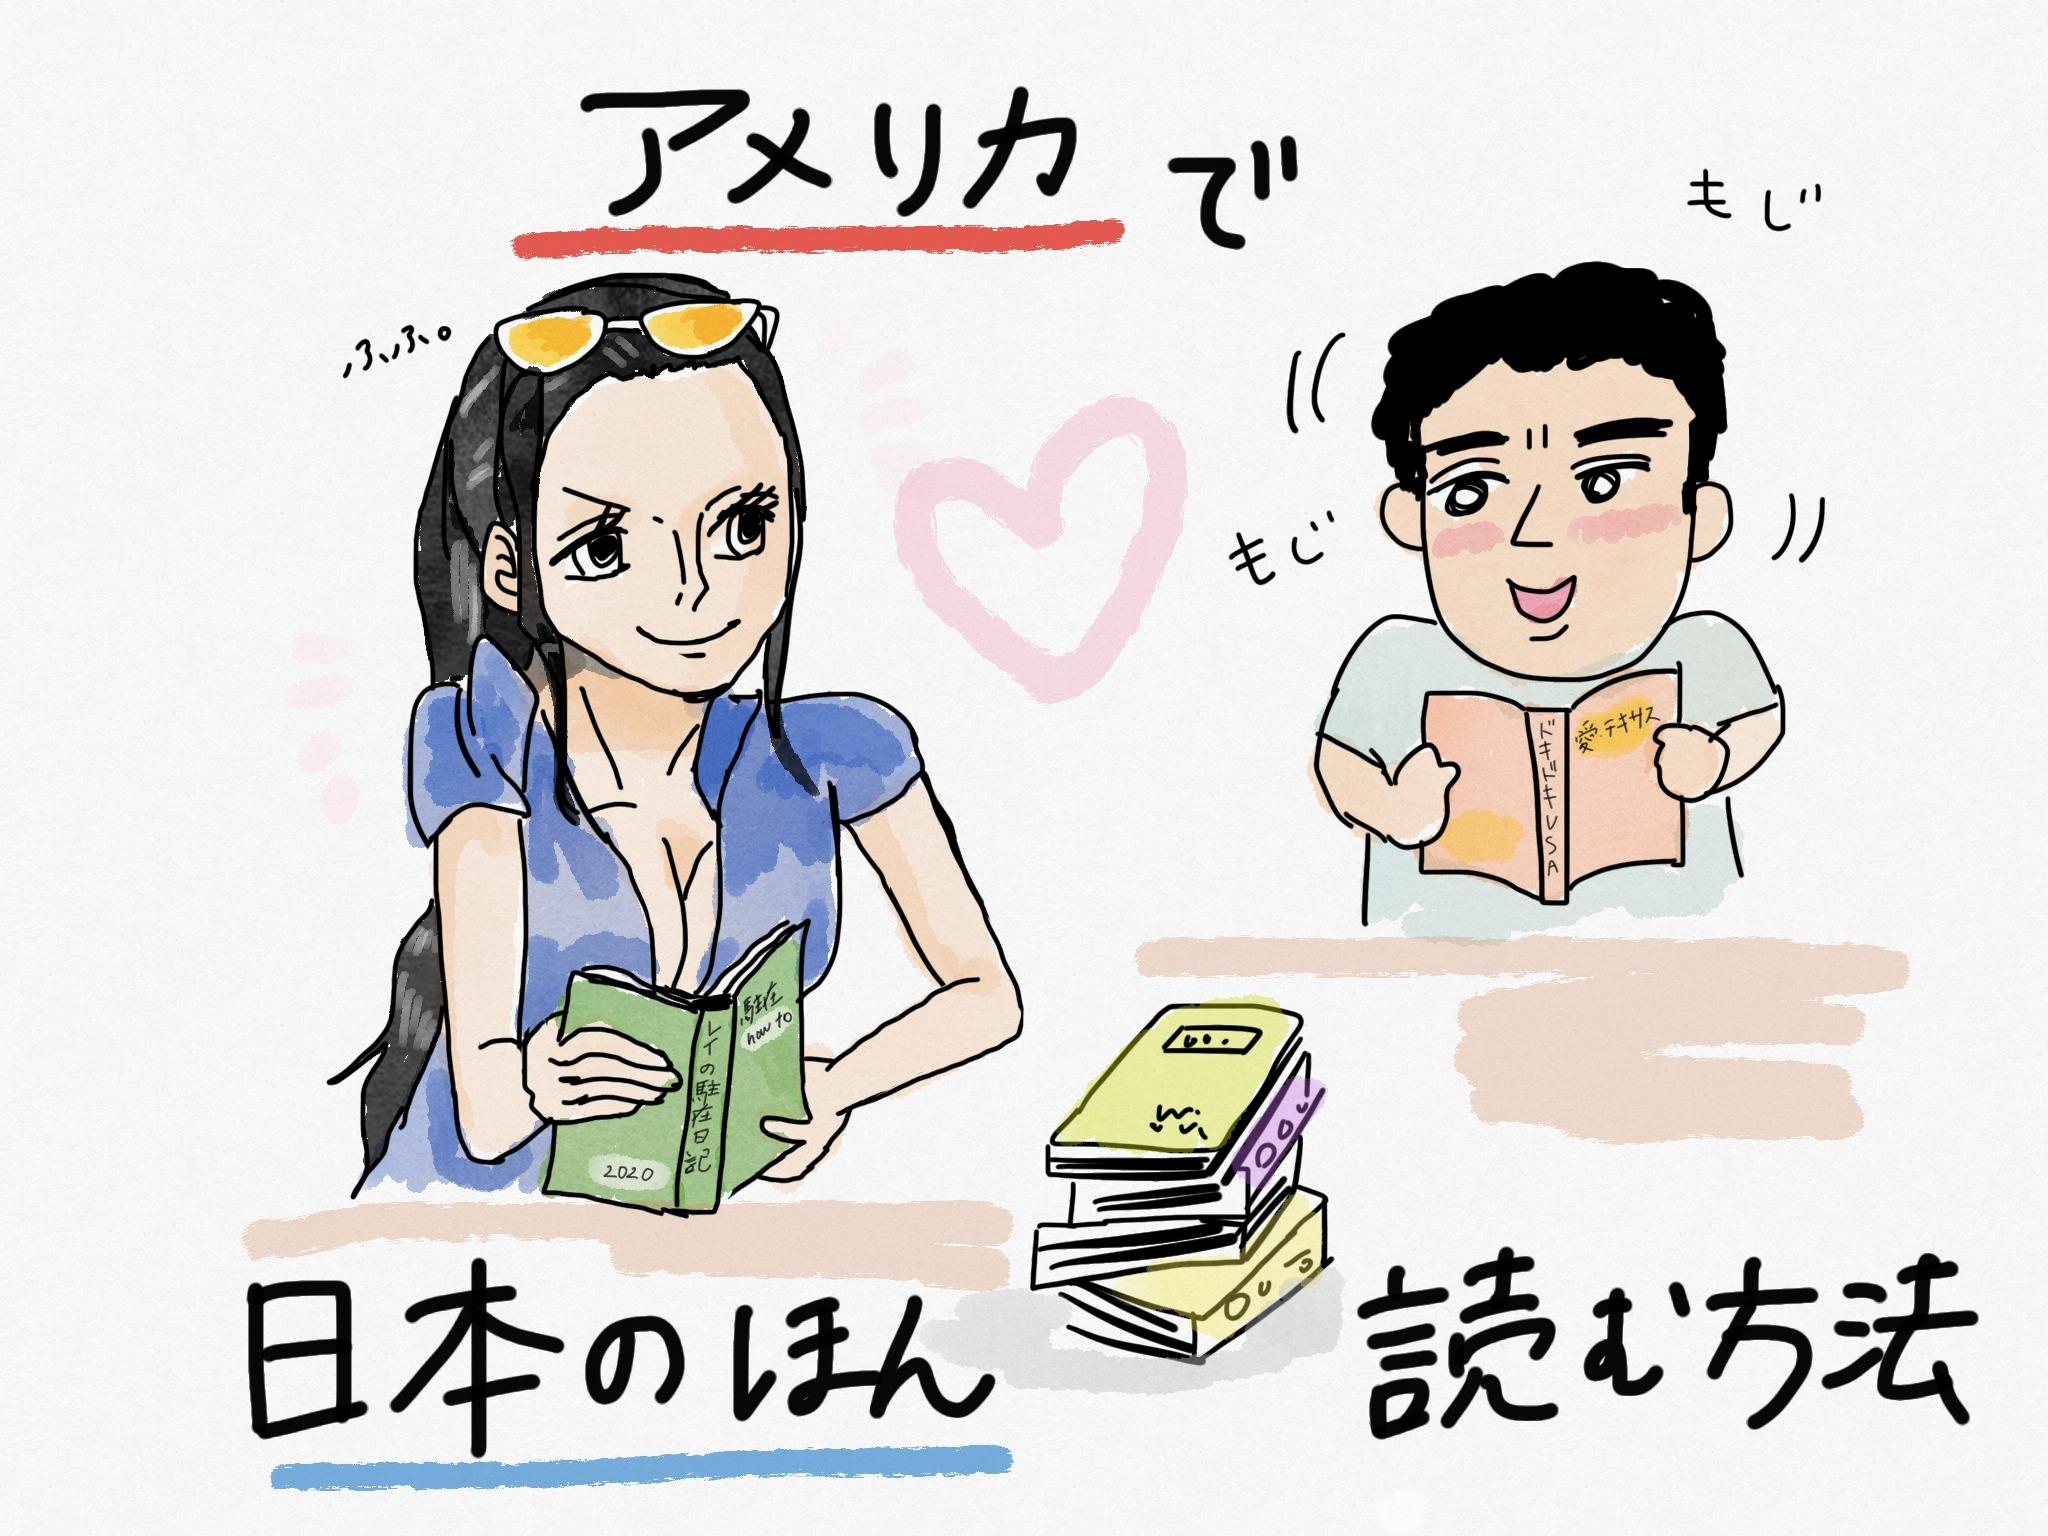 アメリカで日本の本を読む方法まとめ【電子書籍もOK】